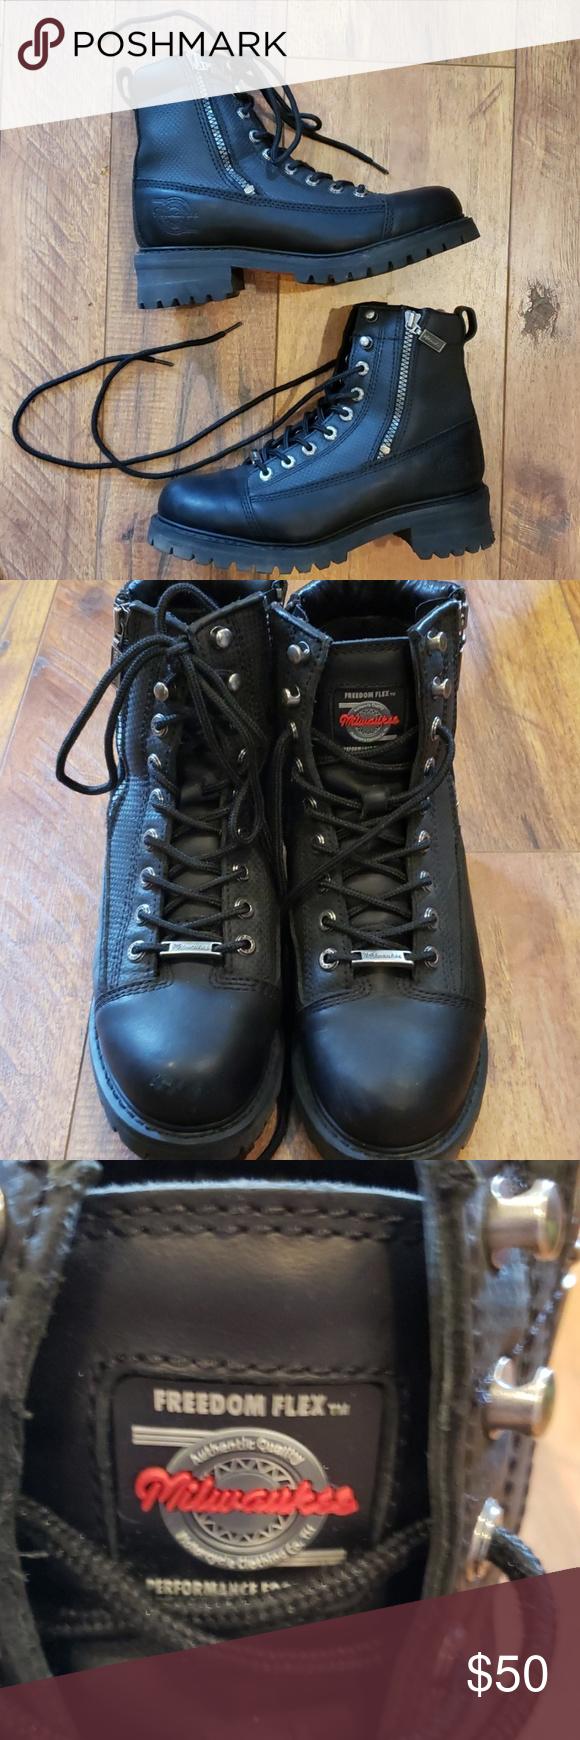 Milwaukee Freedim Flex Biker Boots Size 7 5 Biker Boots Boots Shoe Boots